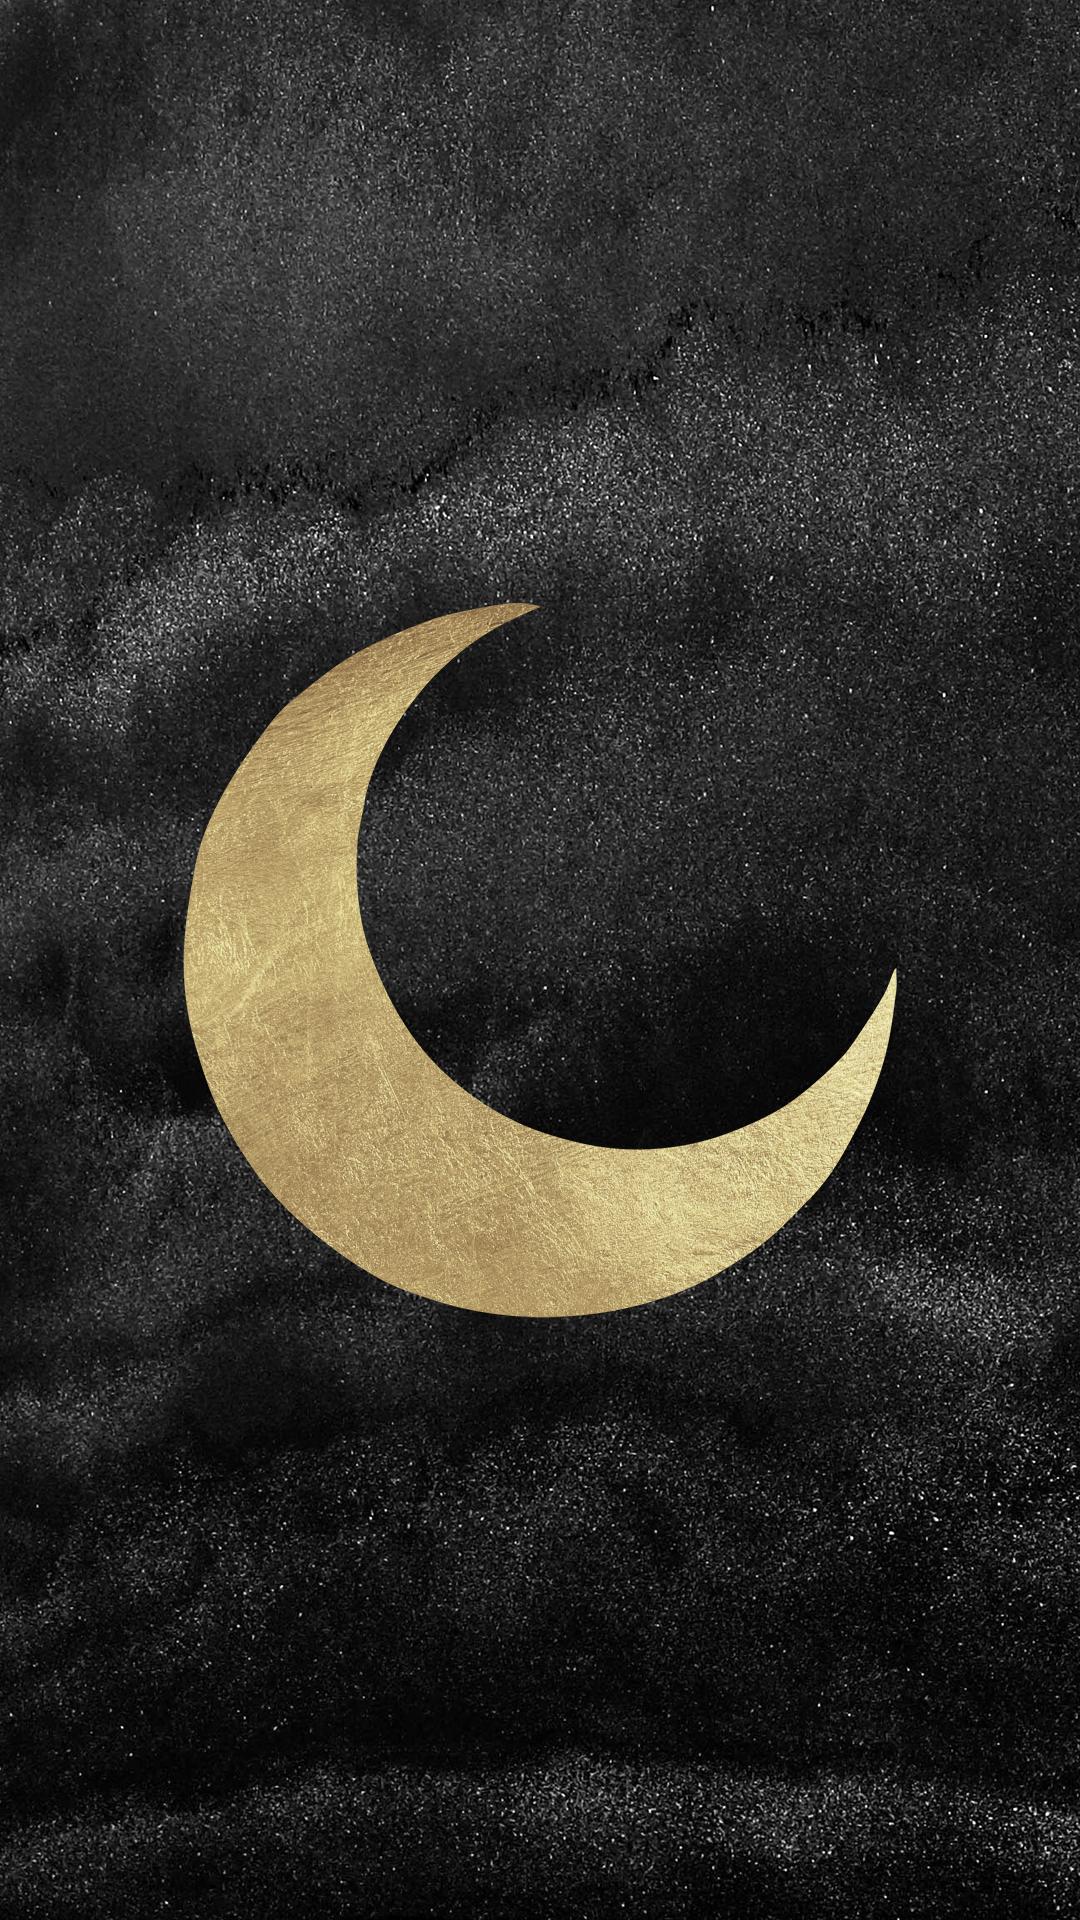 Boho Insta Story Cover Icons Dreamcatcher, Moon Branding Kit Black Gold Instagram Highlights, Instagram Stories Bohemian, Hand Illustration